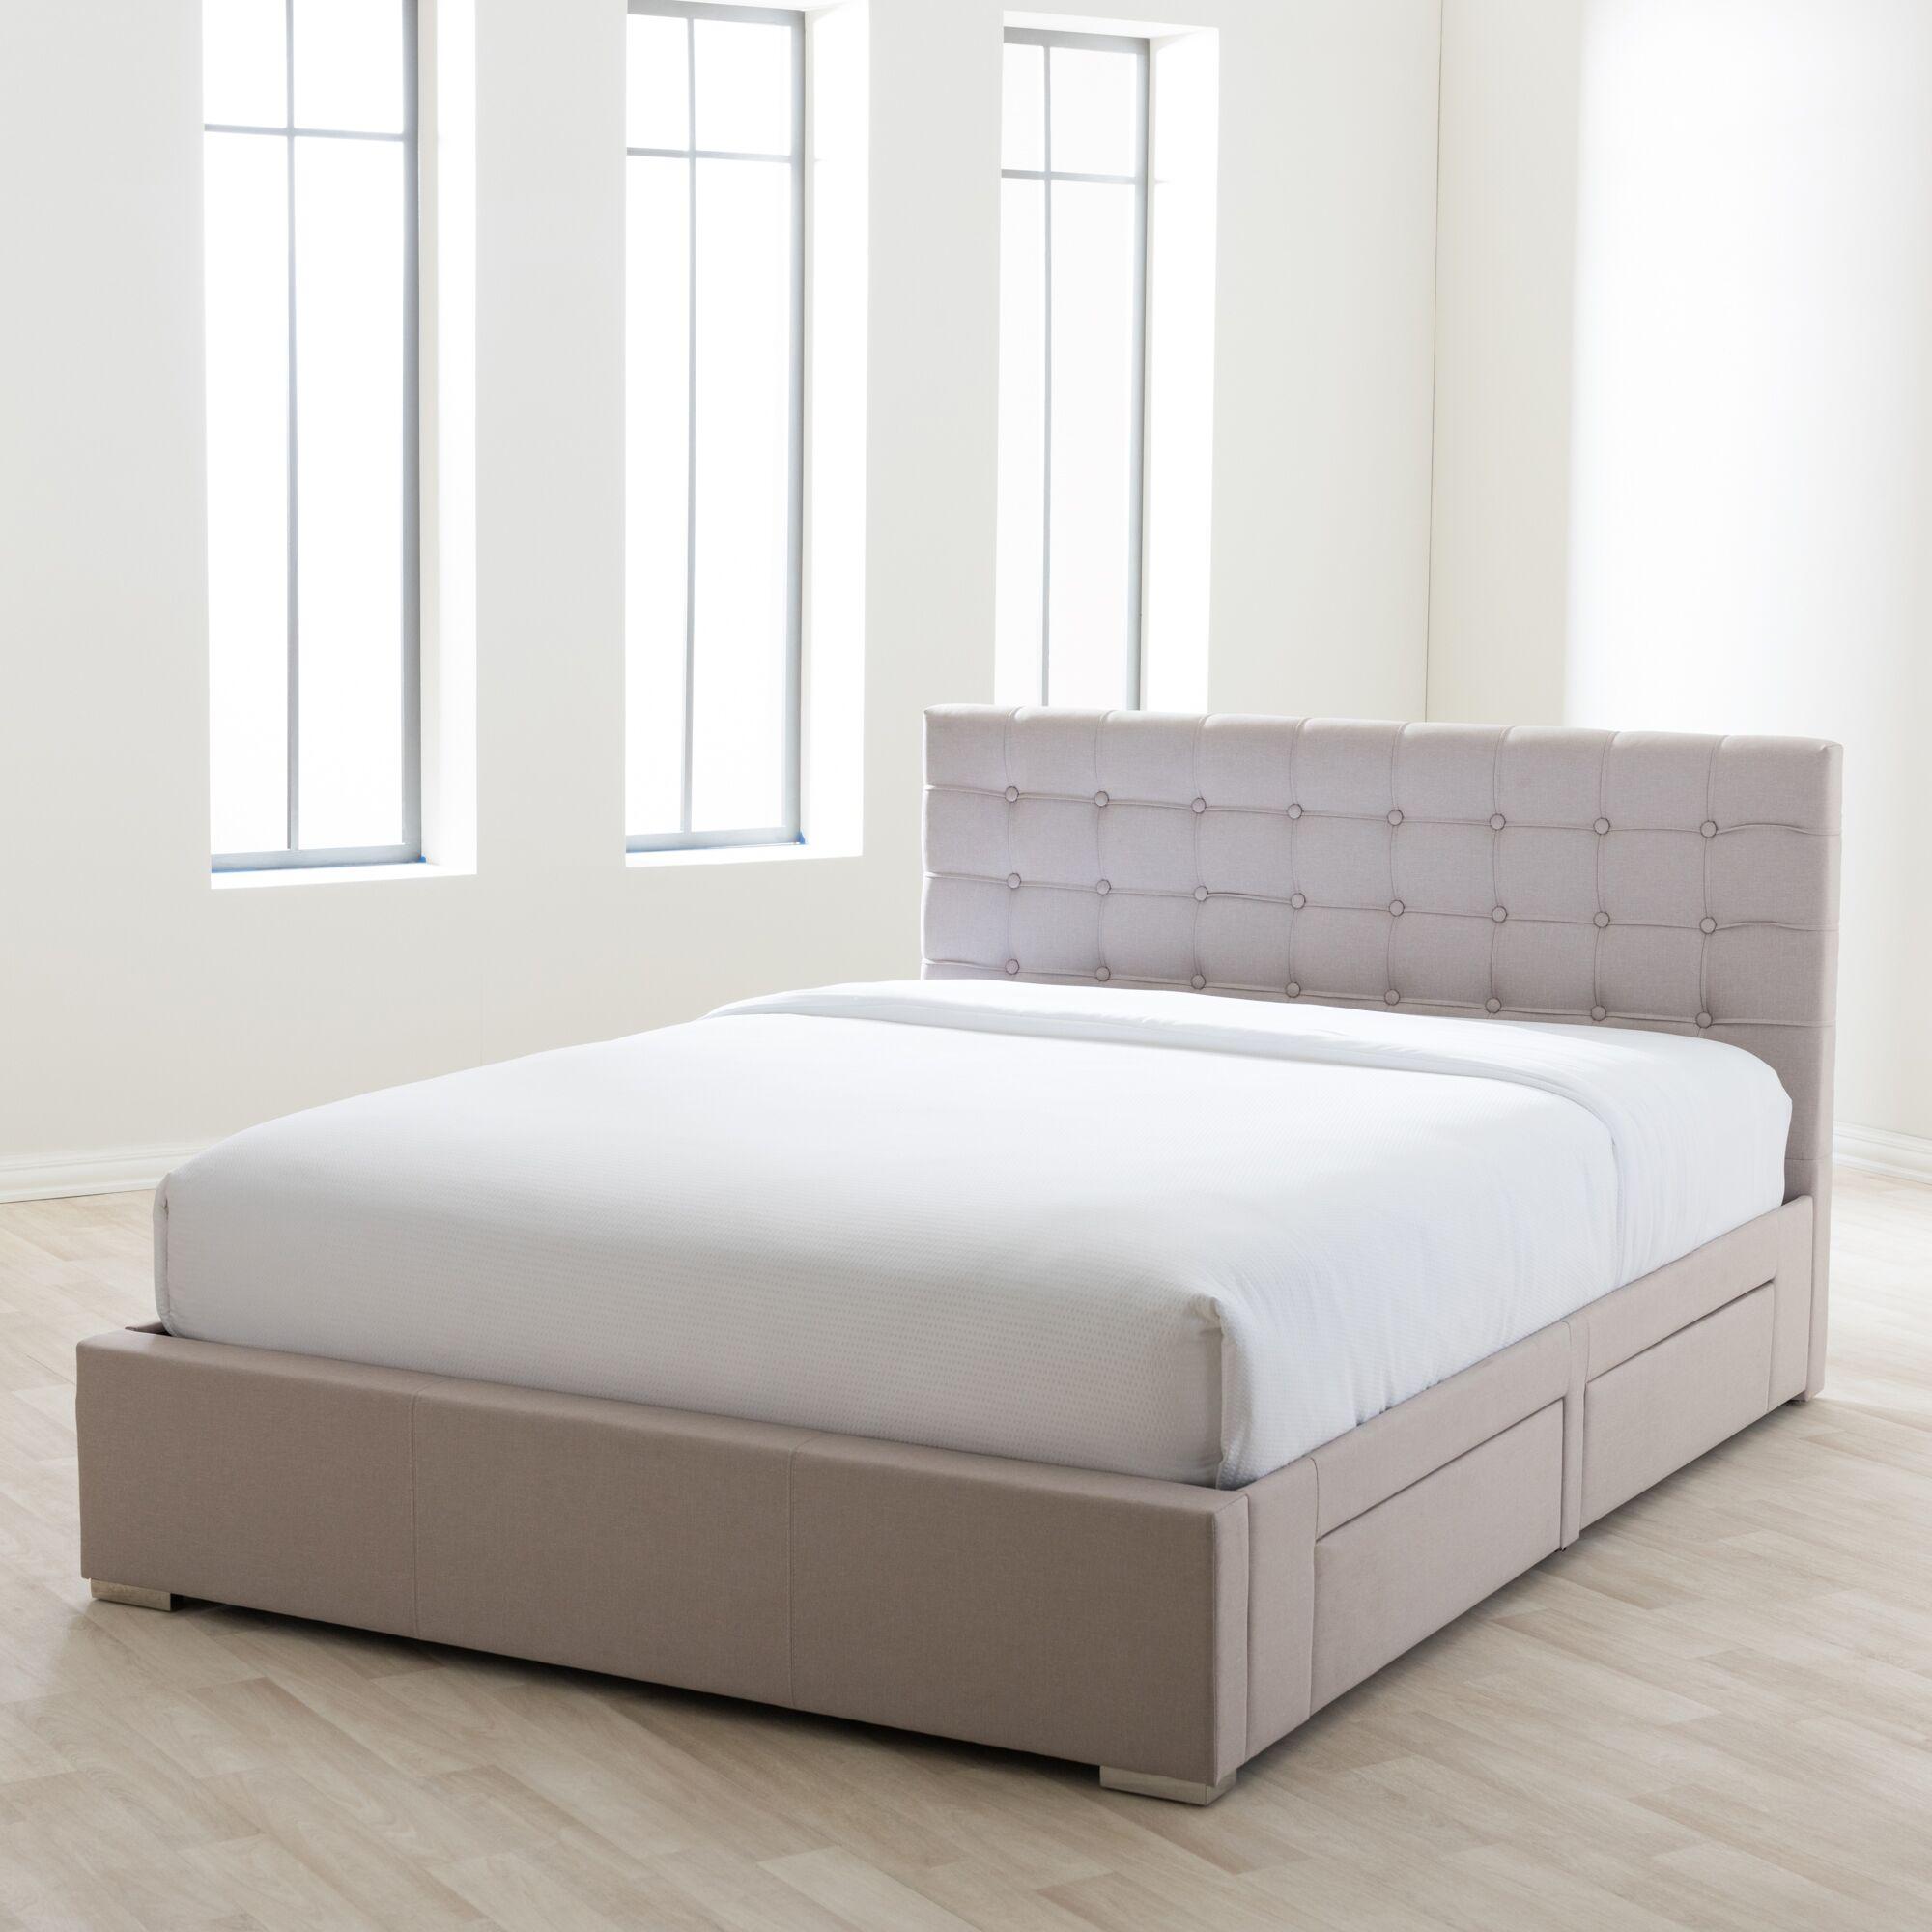 Myrrine Upholstered Storage Platform Bed Color: Grey, Size: King